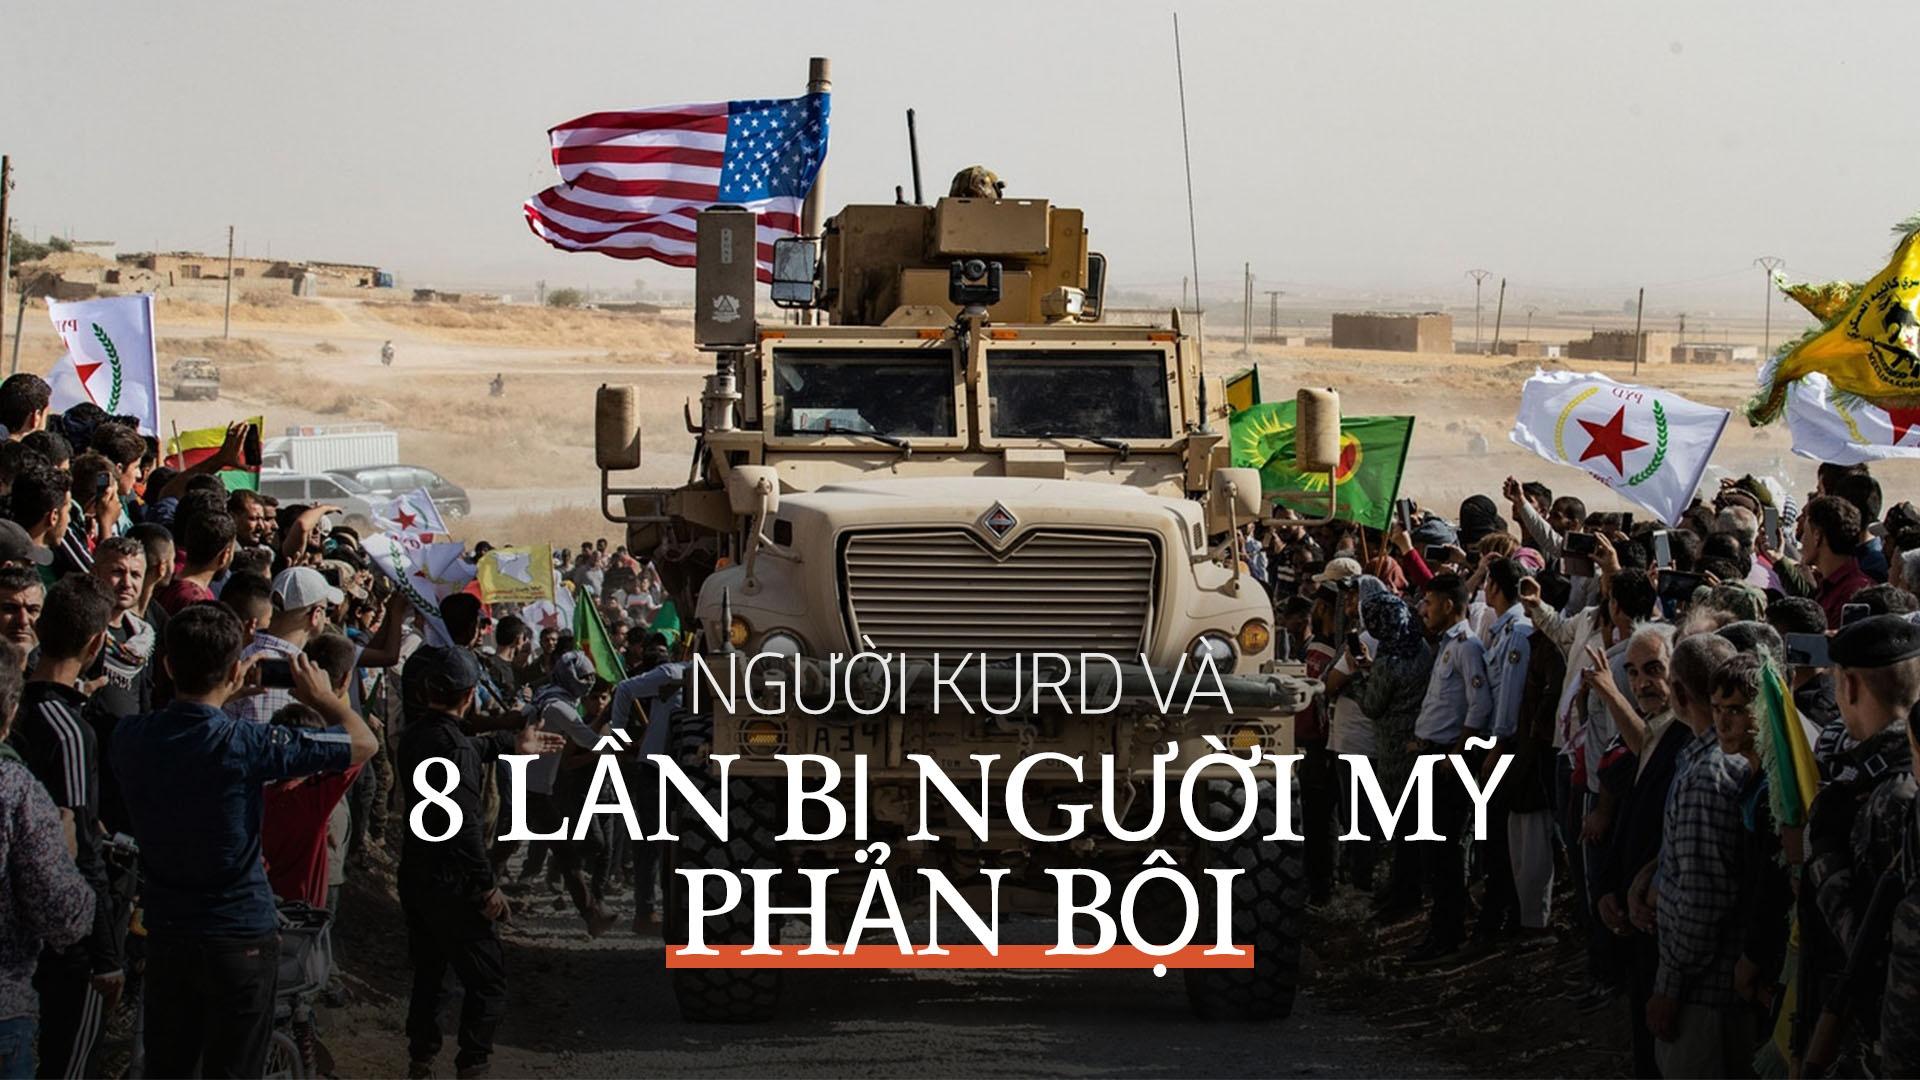 100 nam va 8 lan nguoi Kurd bi nuoc My phan boi hinh anh 2